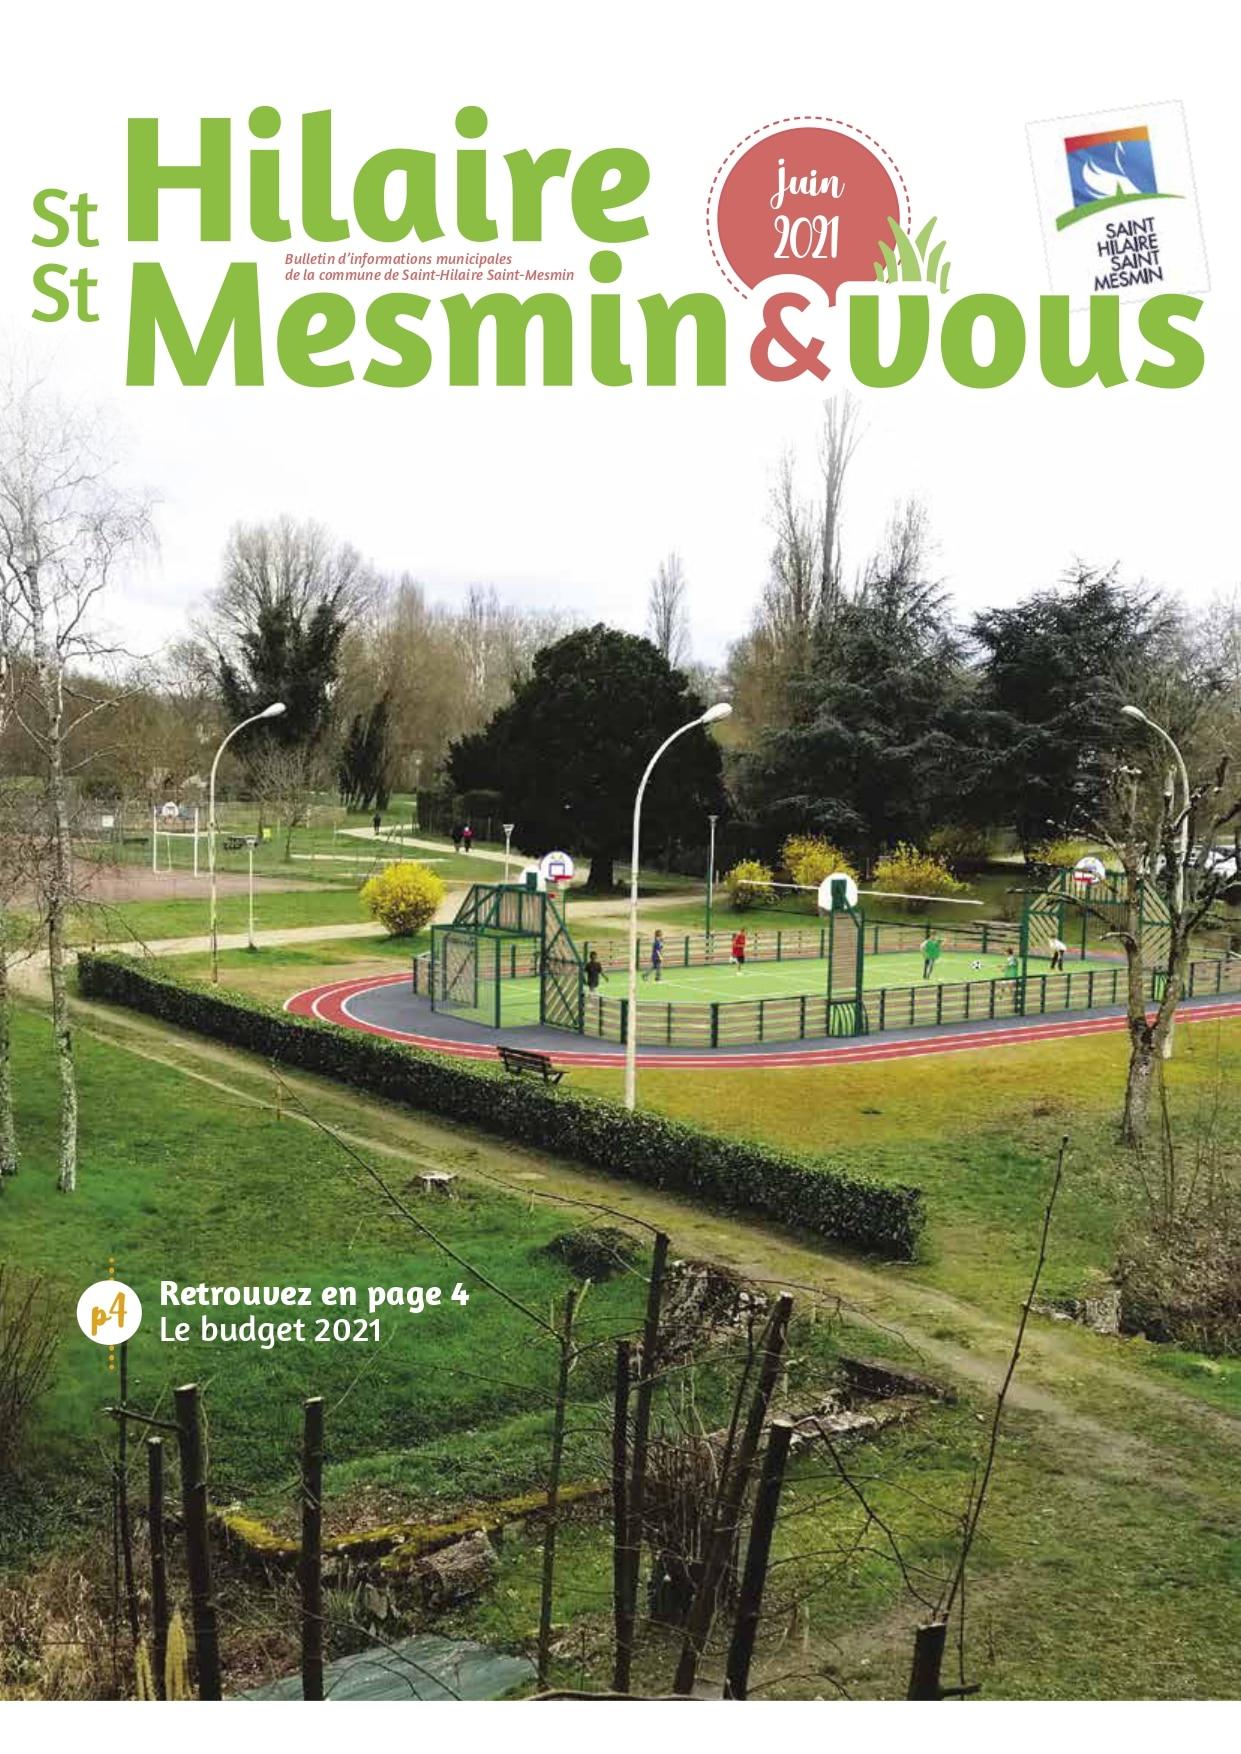 St-Hilaire-St-Mesmin et vous Juin 2021